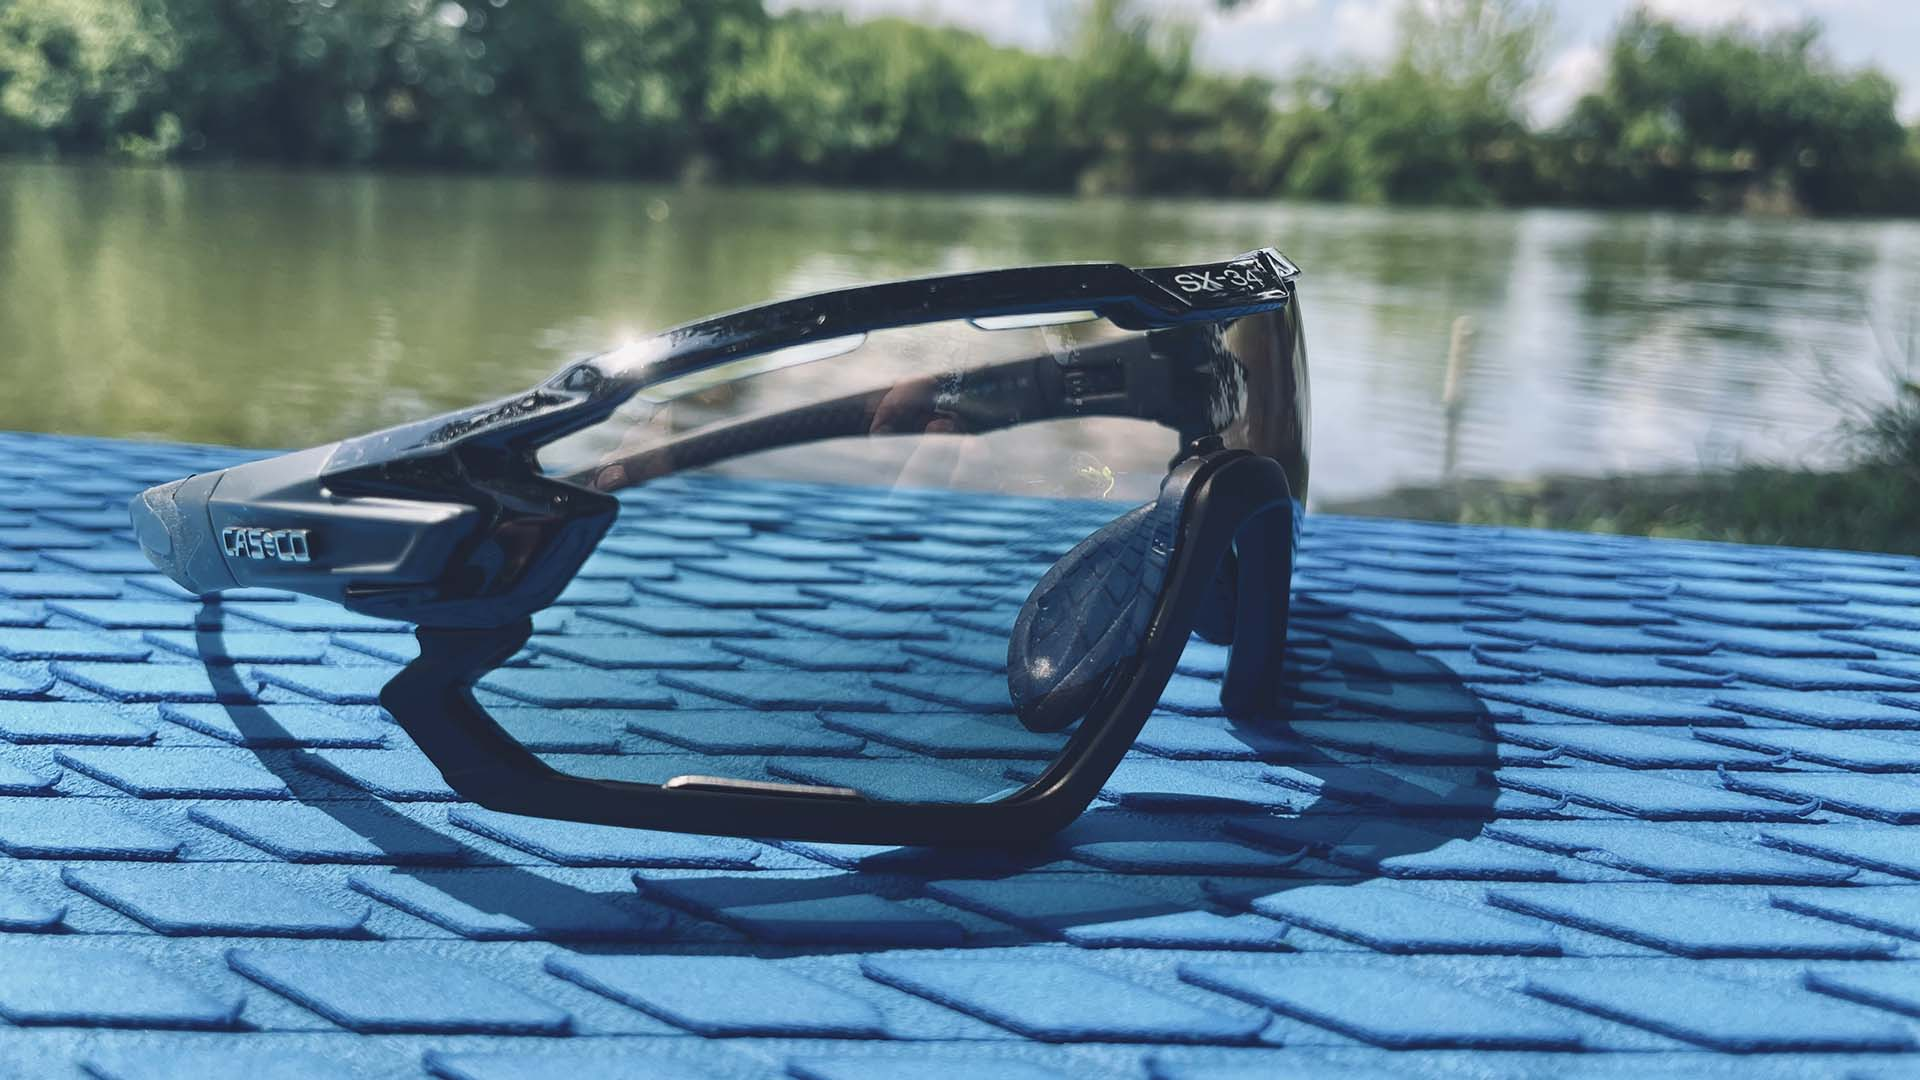 Funkcionális szemüveg sportoláshoz kifejlesztve: Casco SX-34 sportszemüveg-7